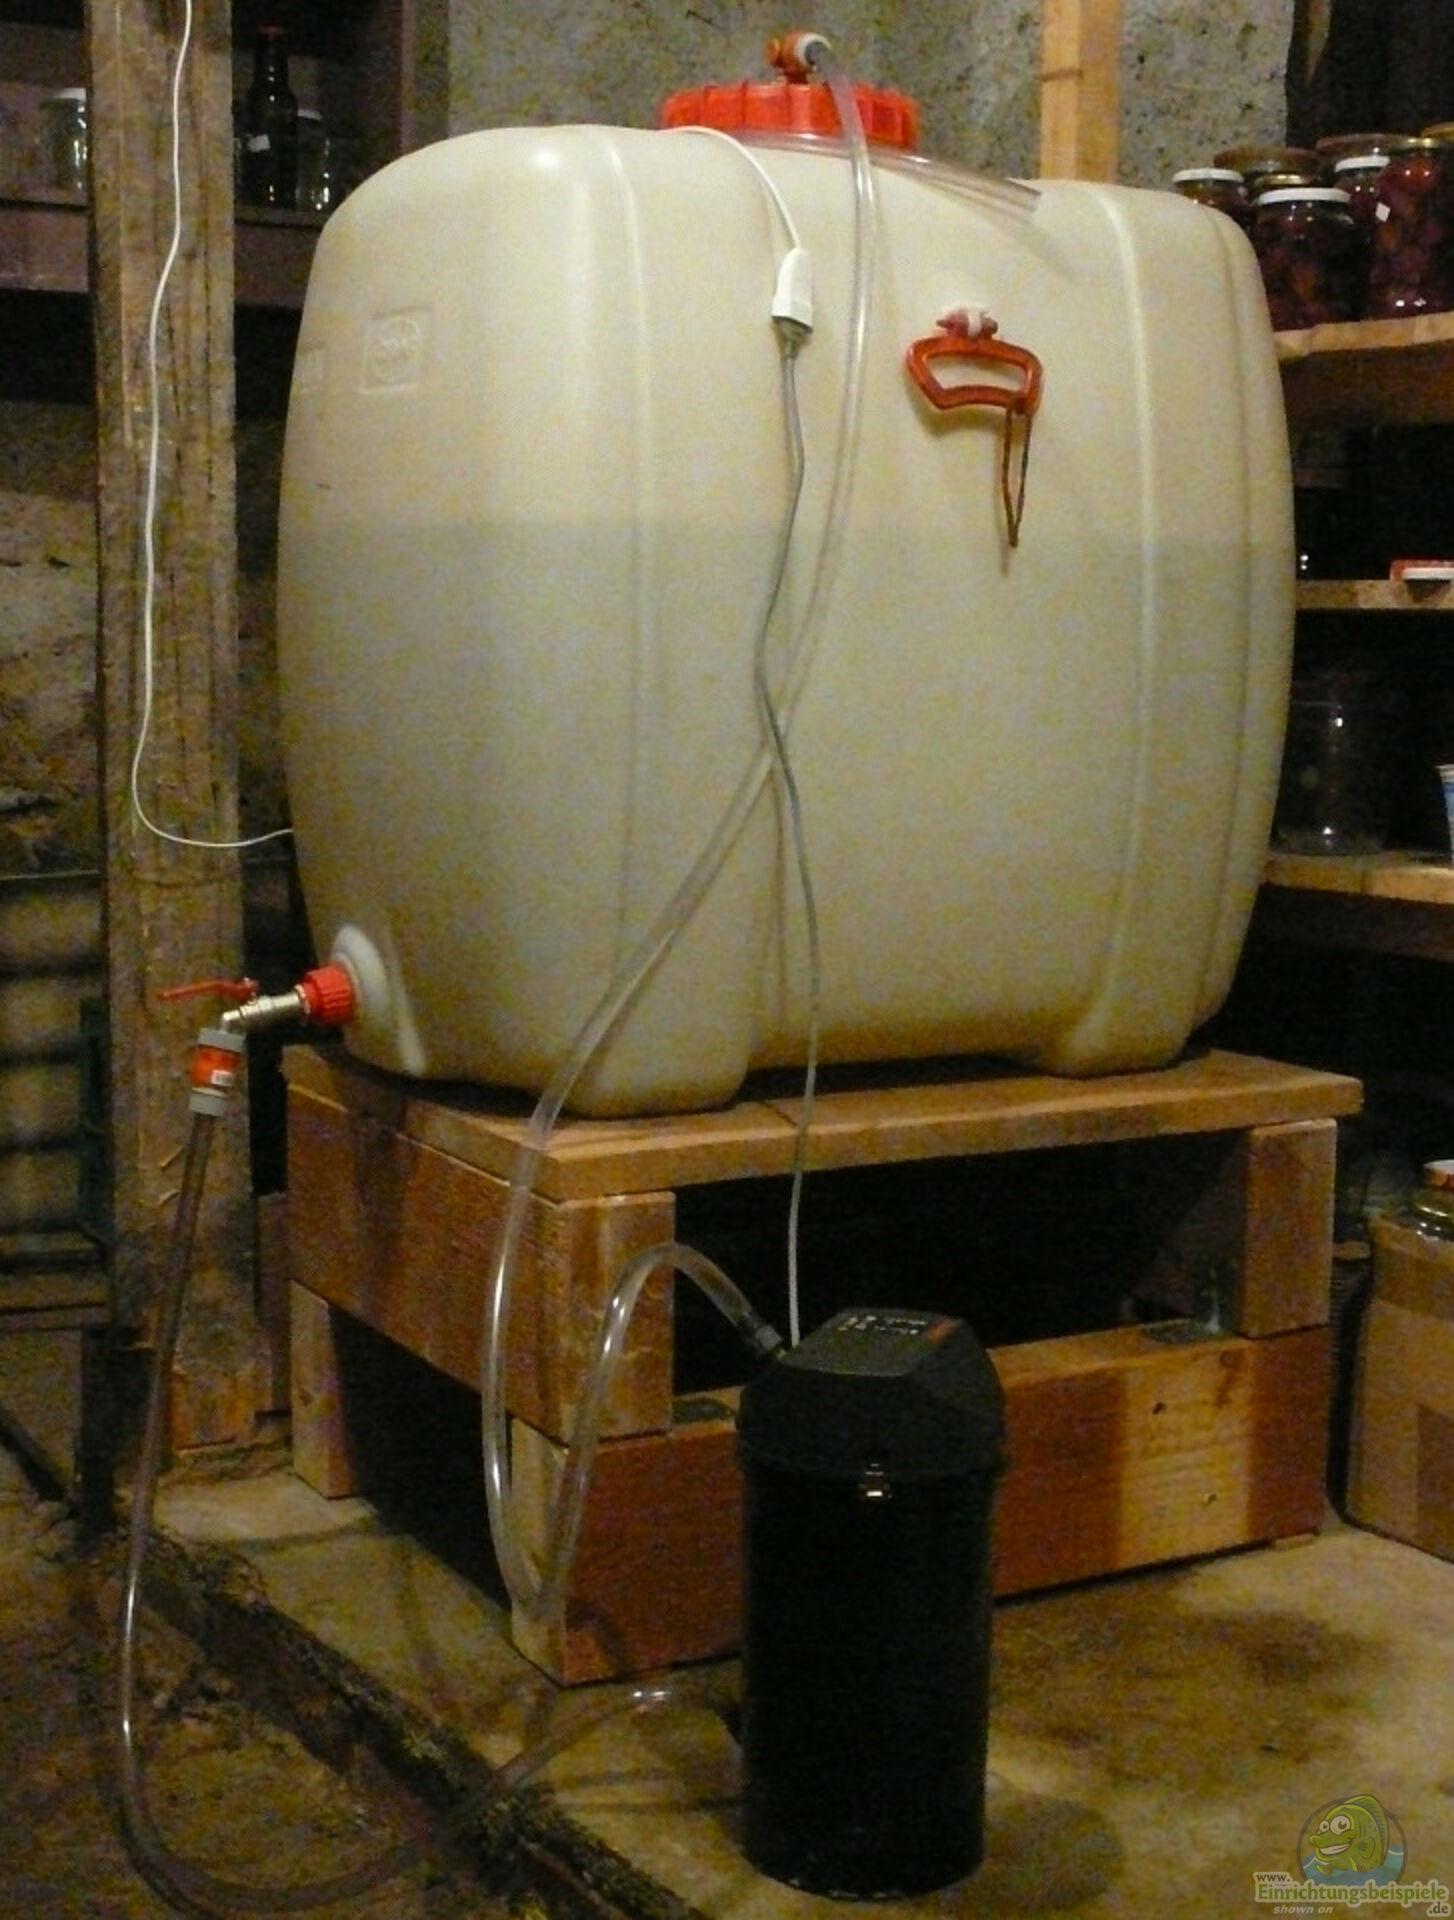 Regenwasser Zu Trinkwasser Aufbereiten : die alternative regenwassernutzung artikel 4154 ~ Watch28wear.com Haus und Dekorationen